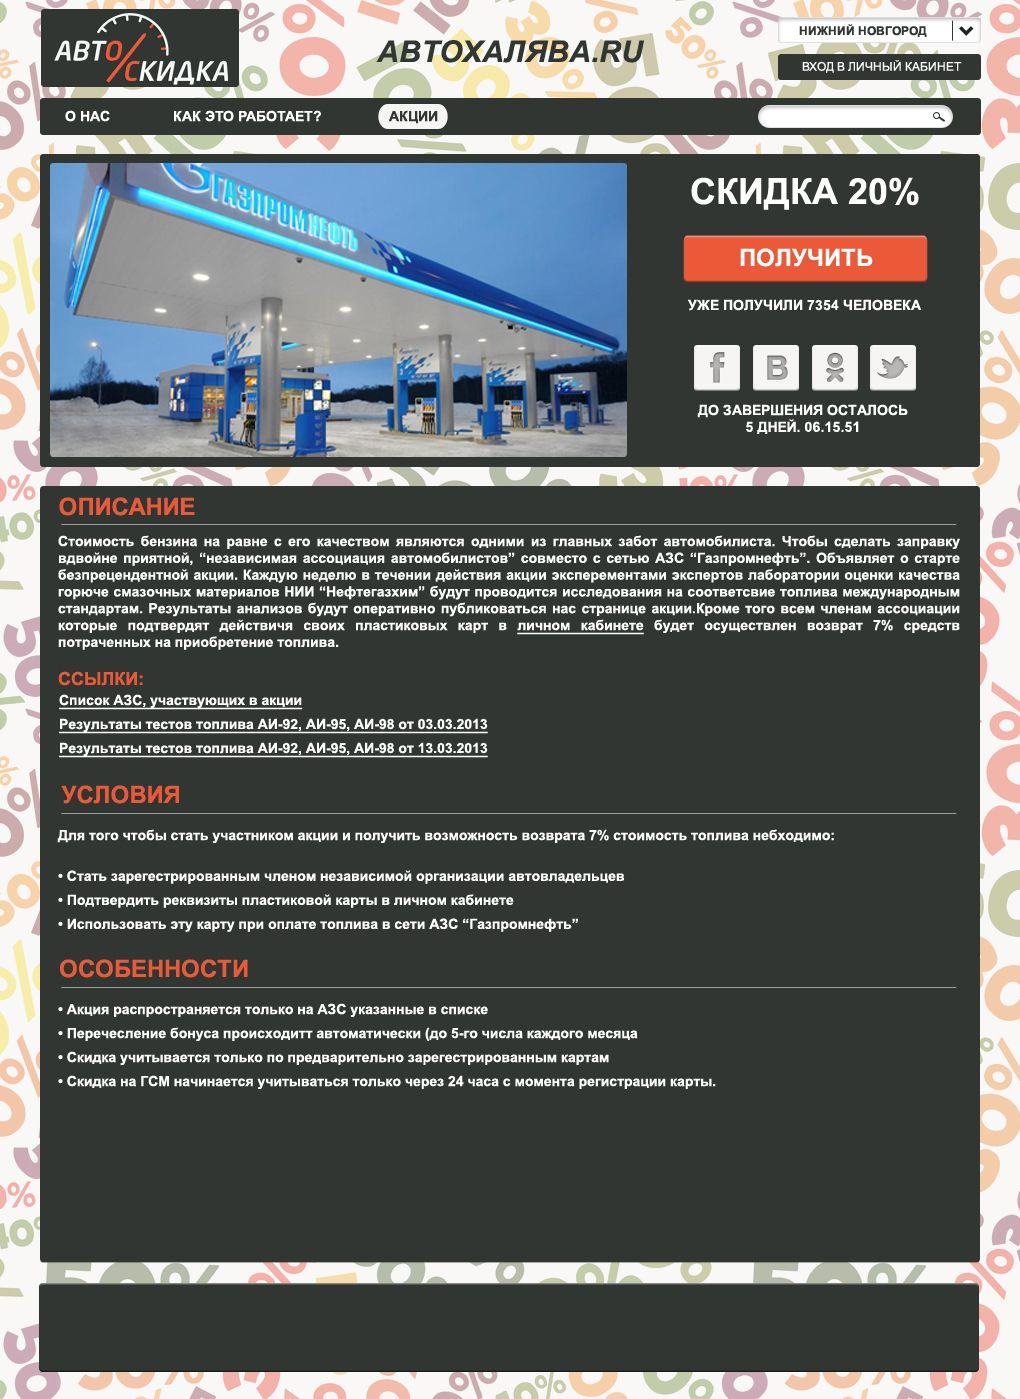 Дизайн сайта со скидками для автовладельцев - дизайнер VasyliVV